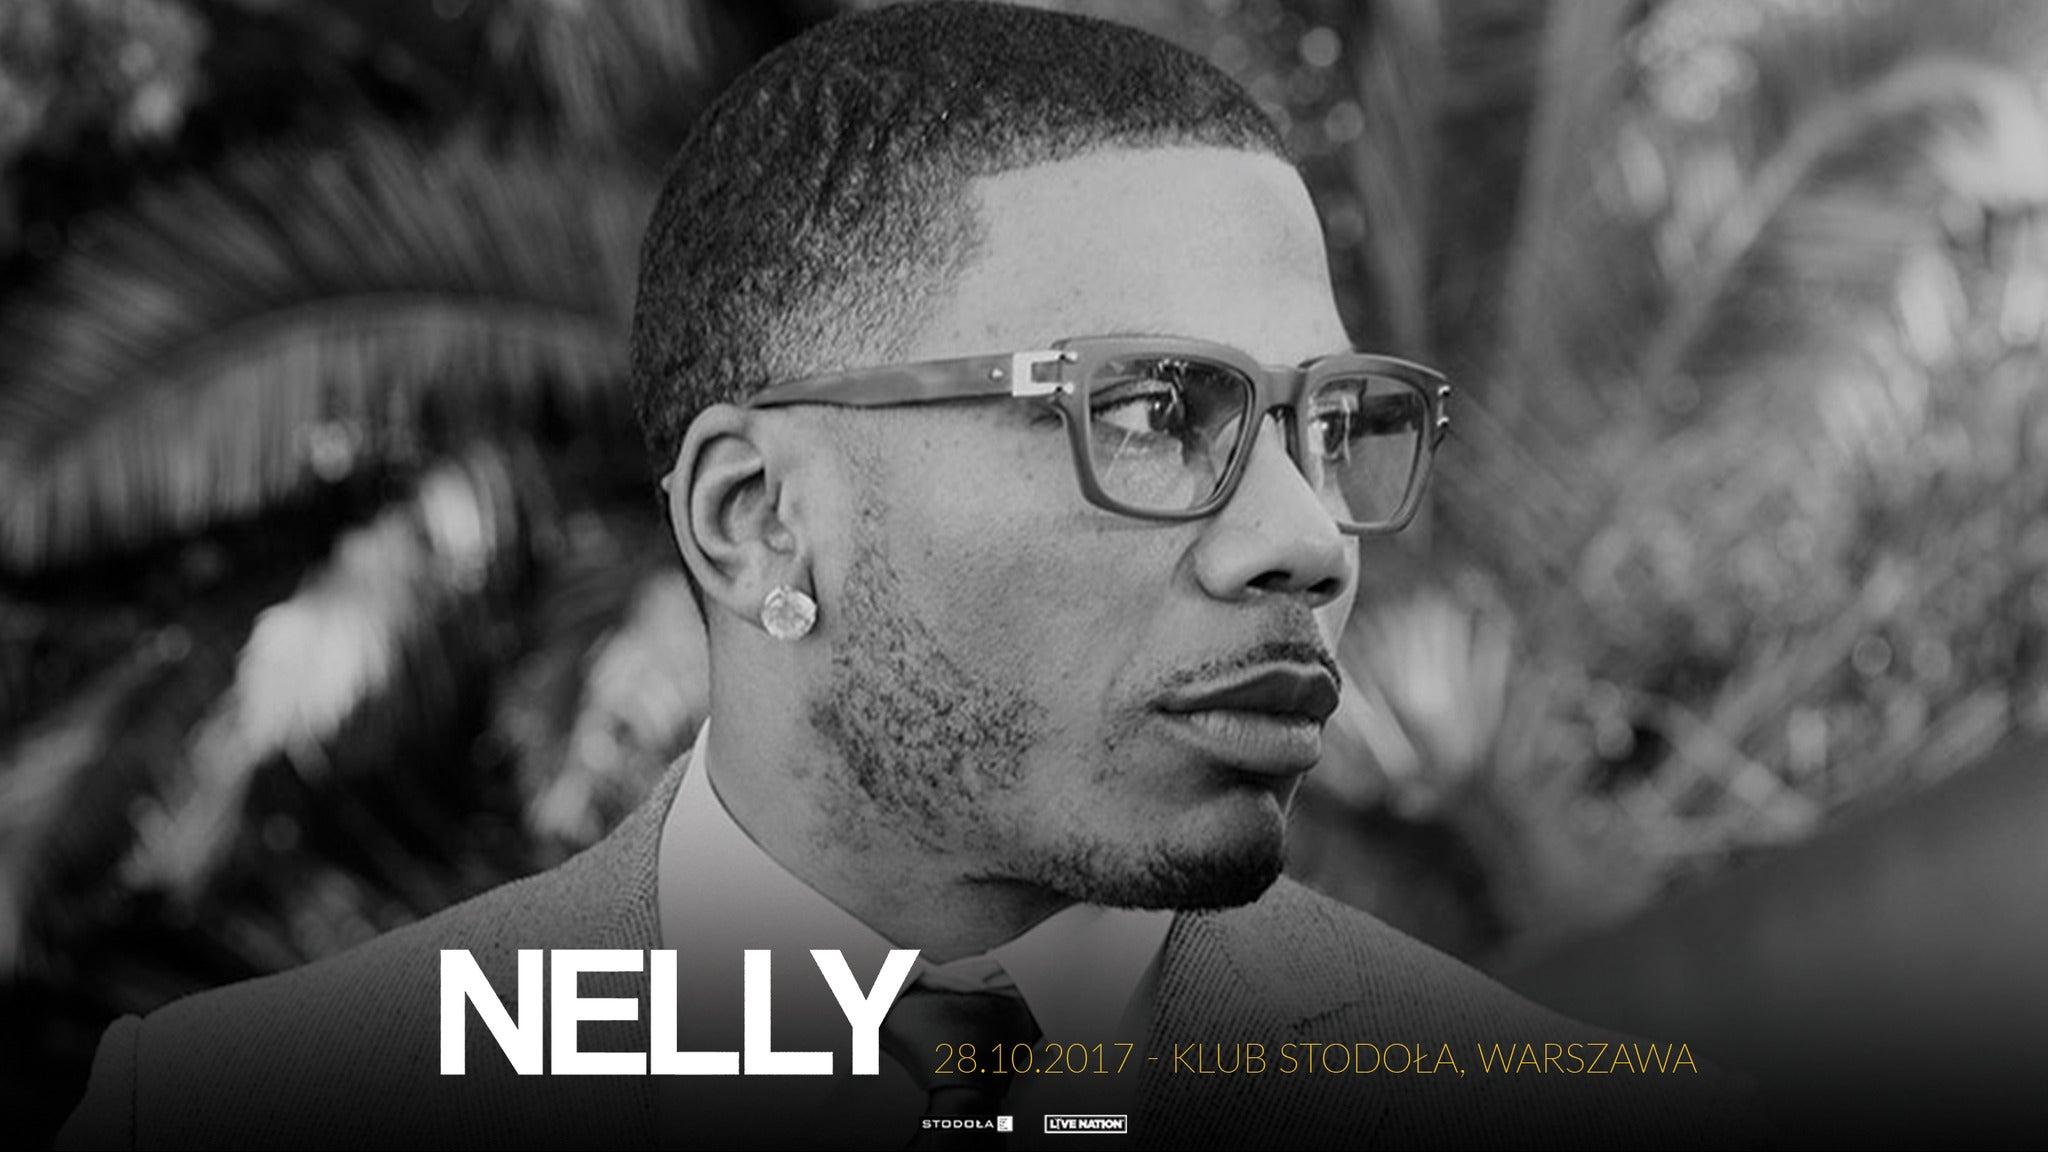 Nelly at Casper Events Center